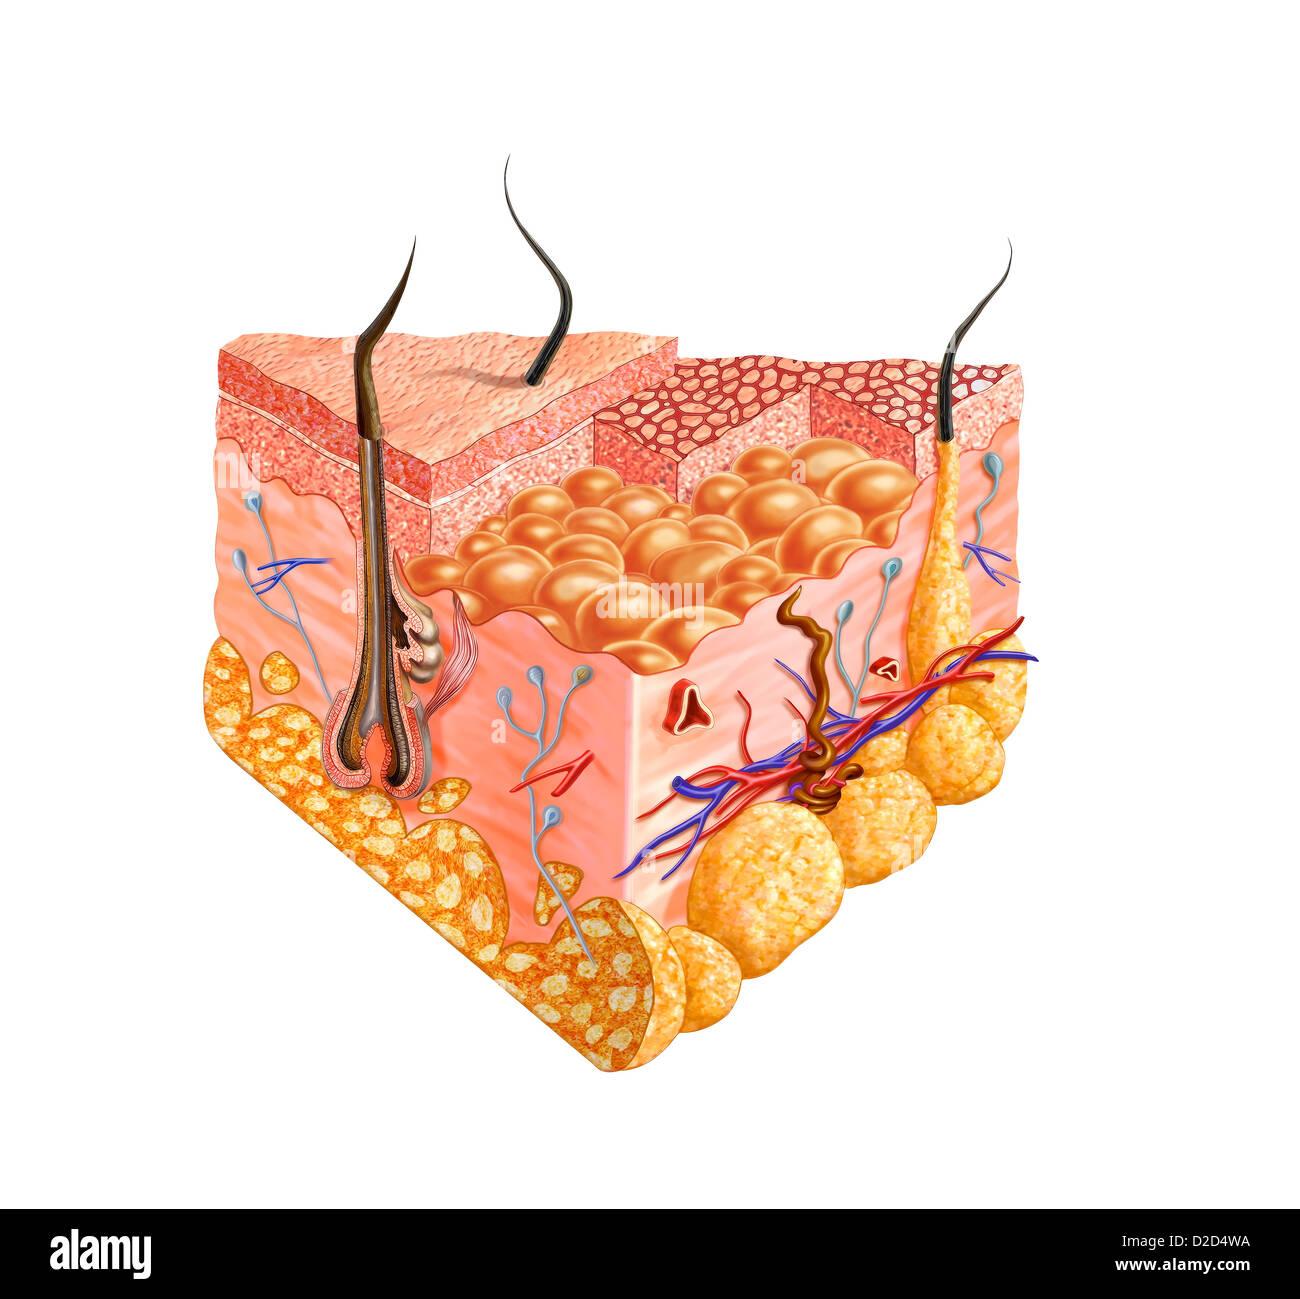 La pelle umana anatomia illustrazione del computer Immagini Stock